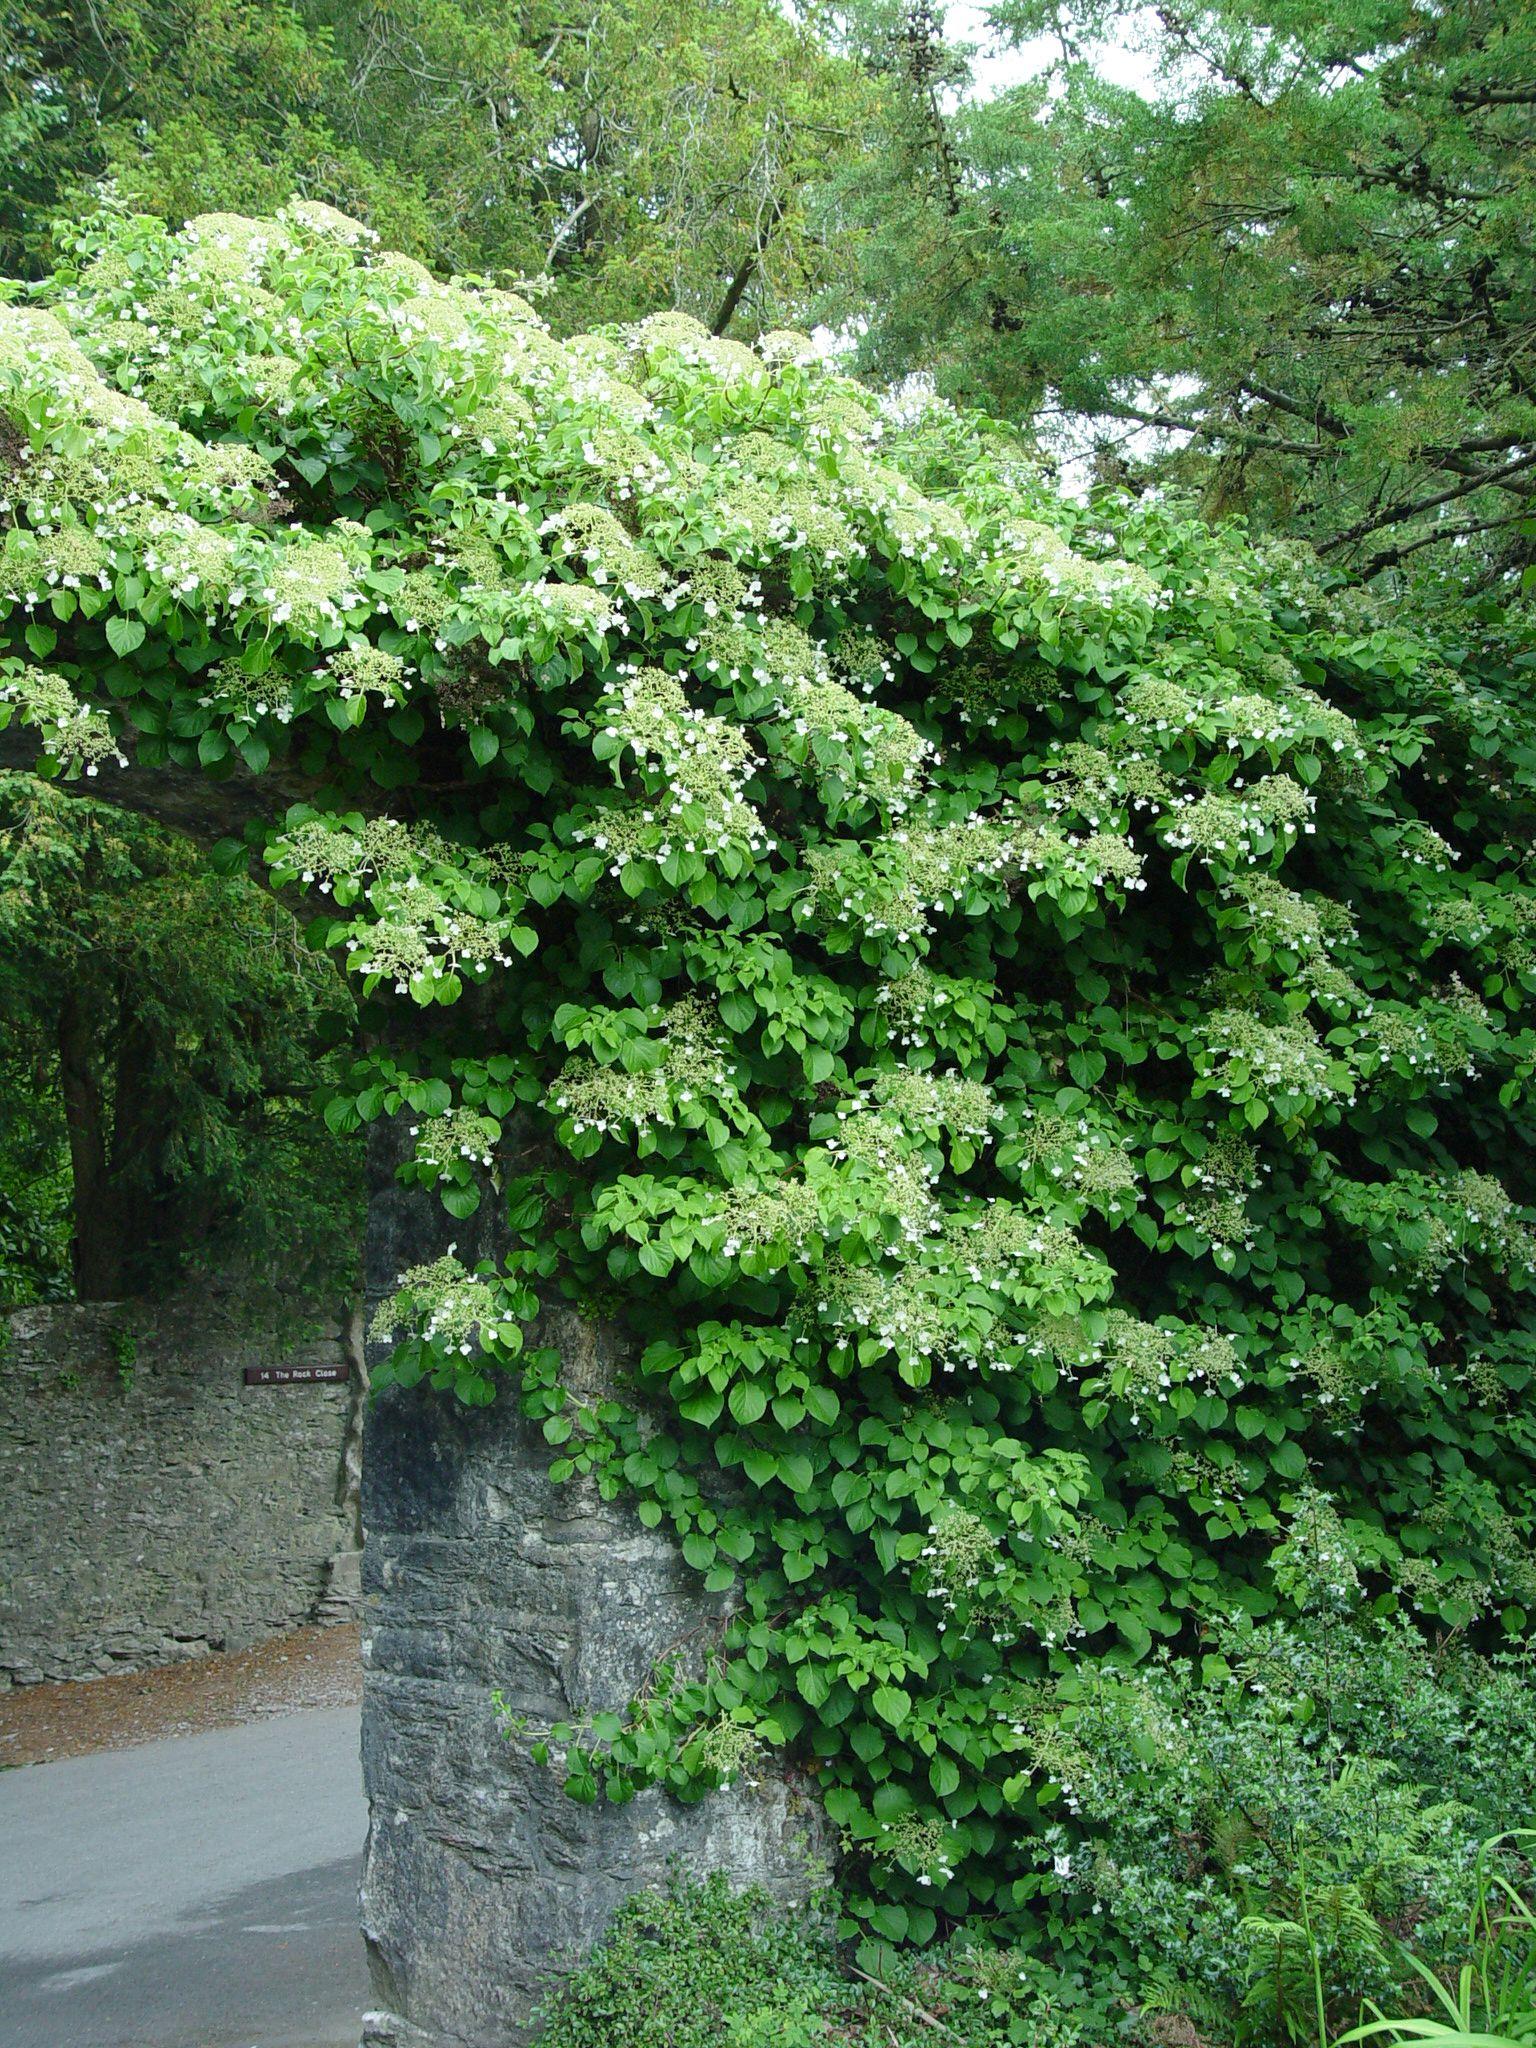 Climbinghydrangeaonech Climbing Hydrangea Hydrangea Anomala